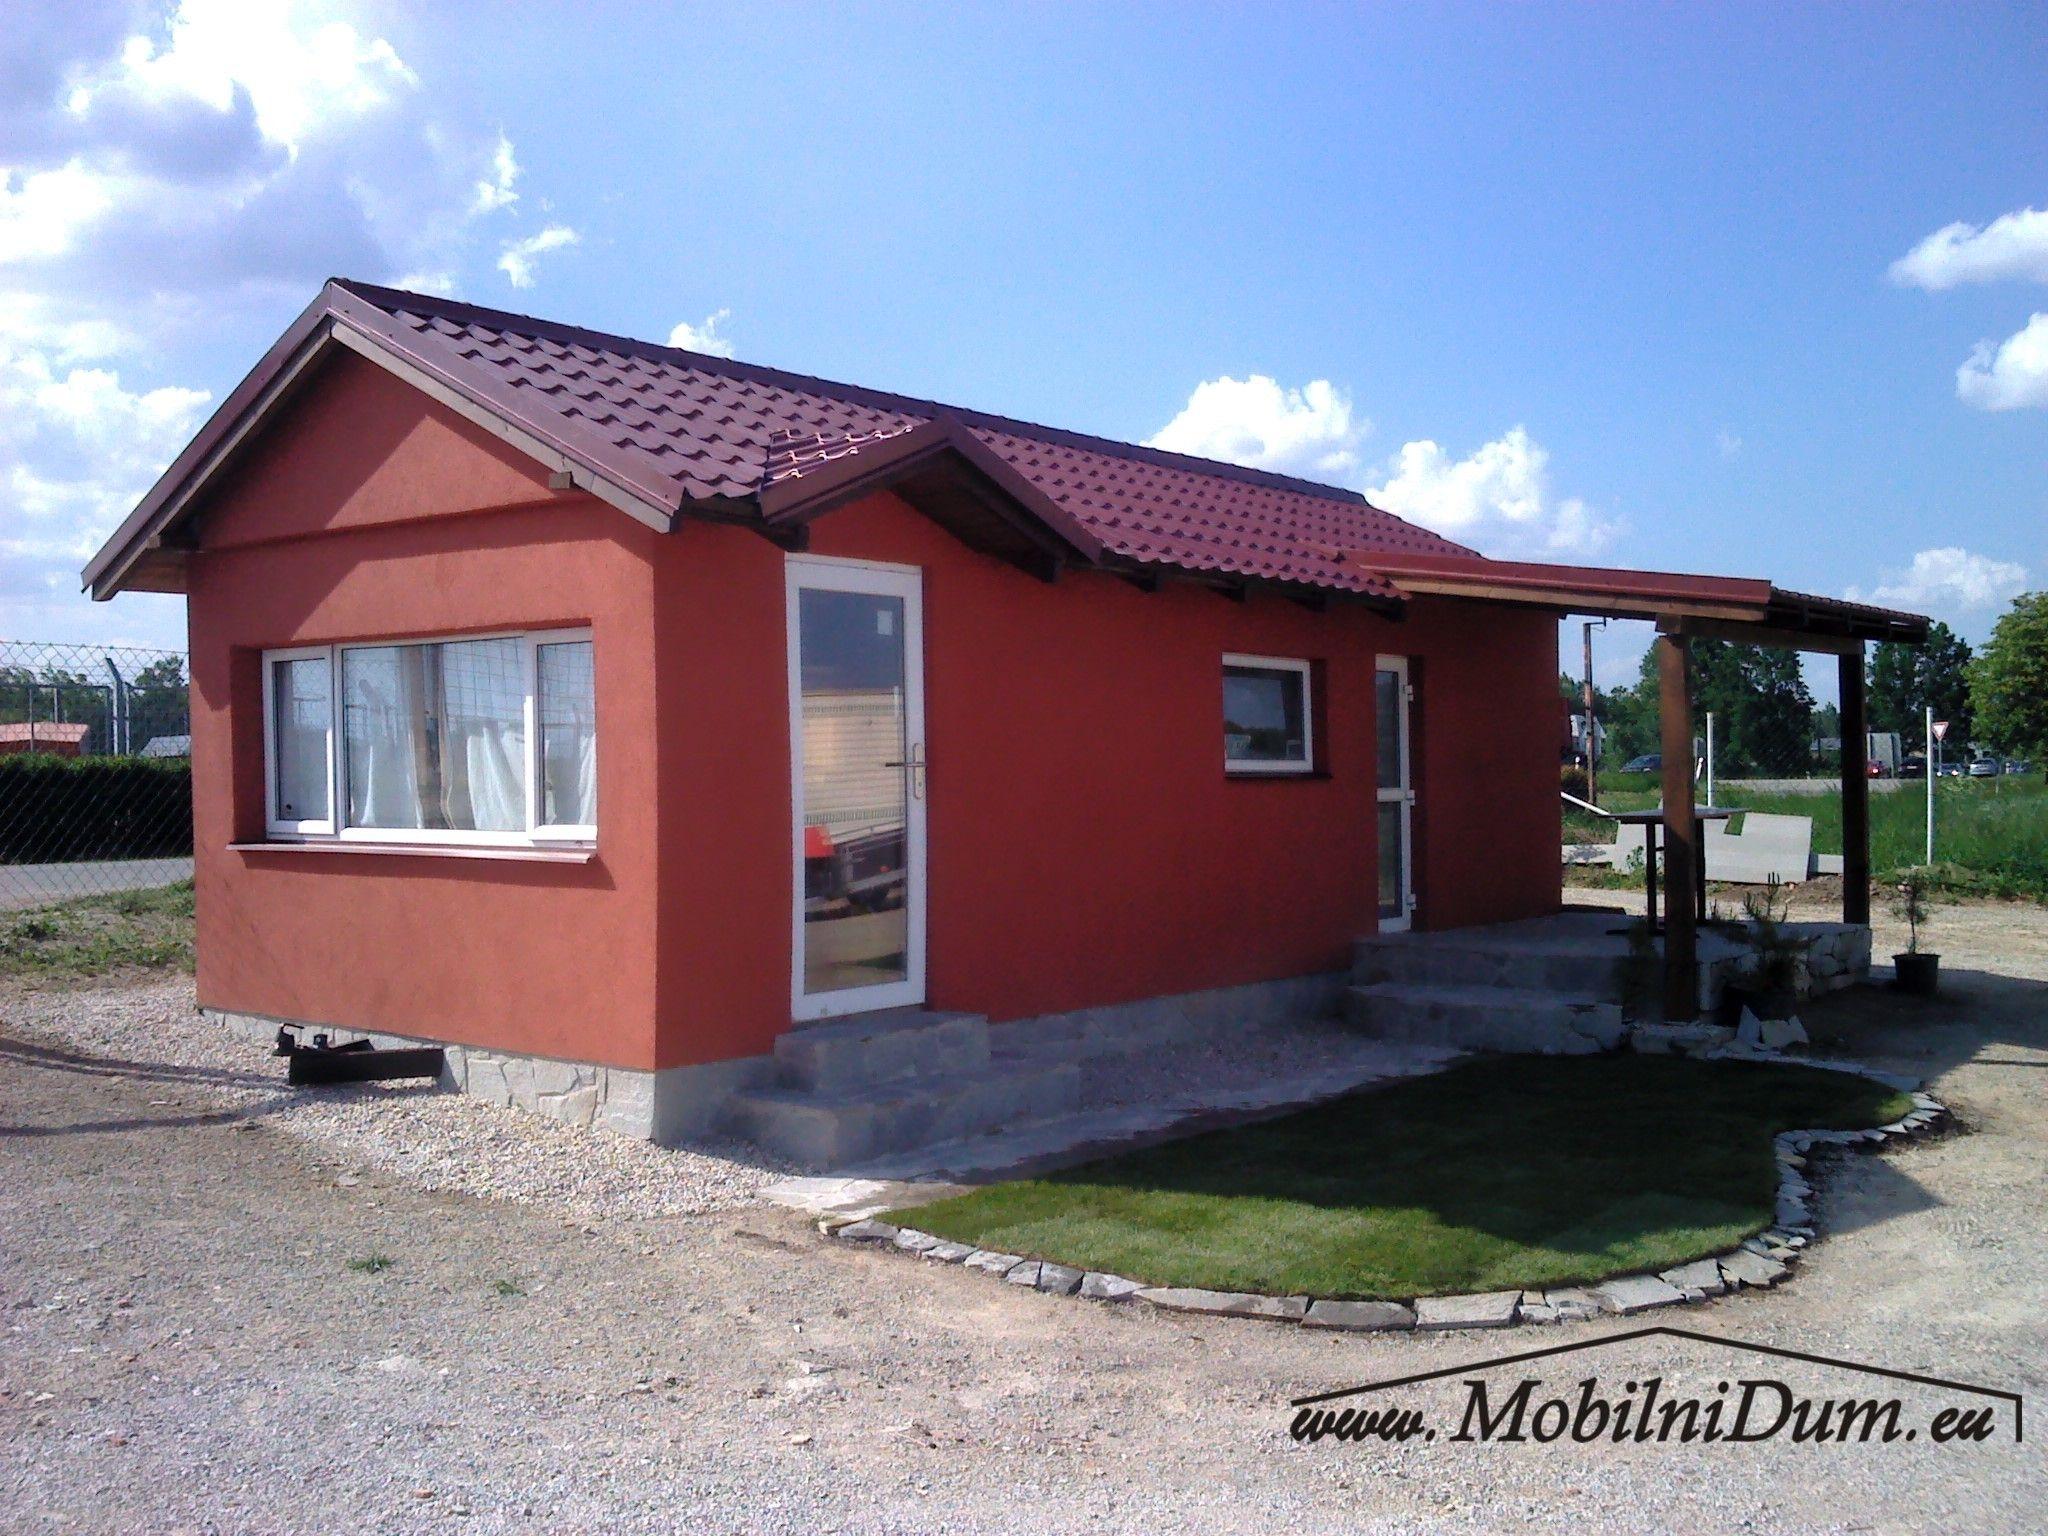 mobilheim celoroční | Mobile home | Pinterest | Mobilheim